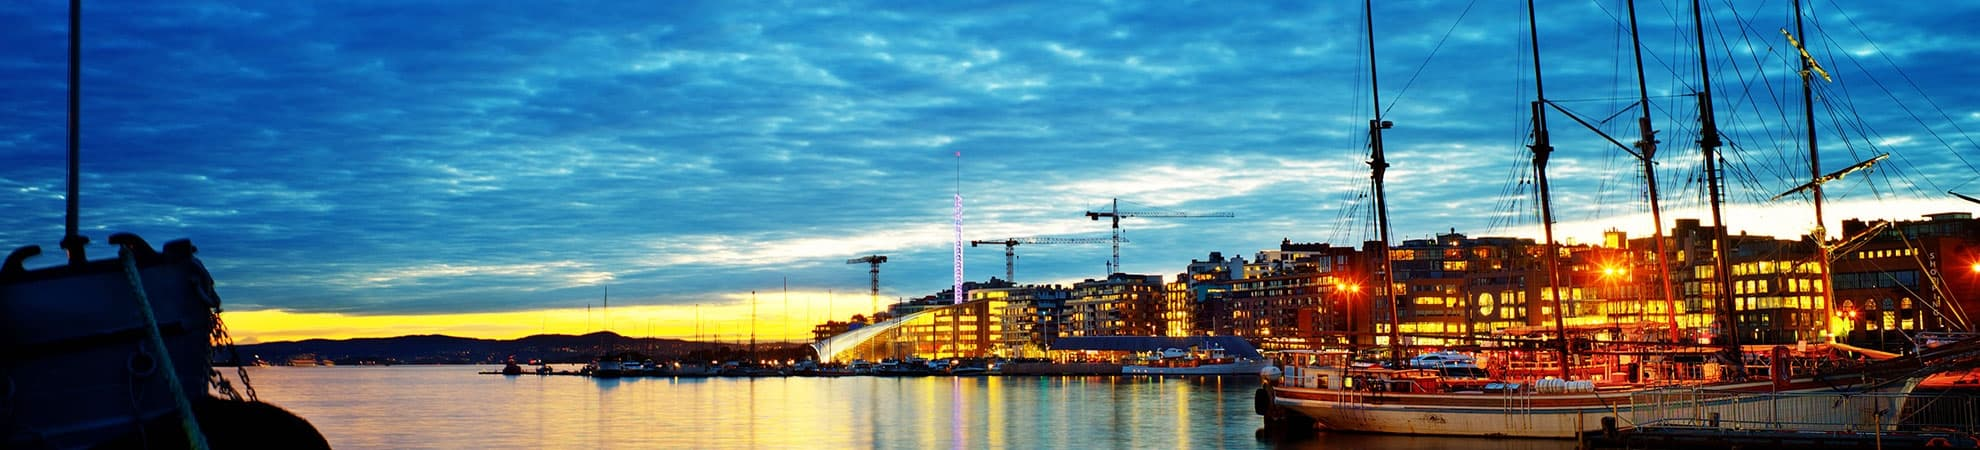 Voyage Le sud de la Norvège